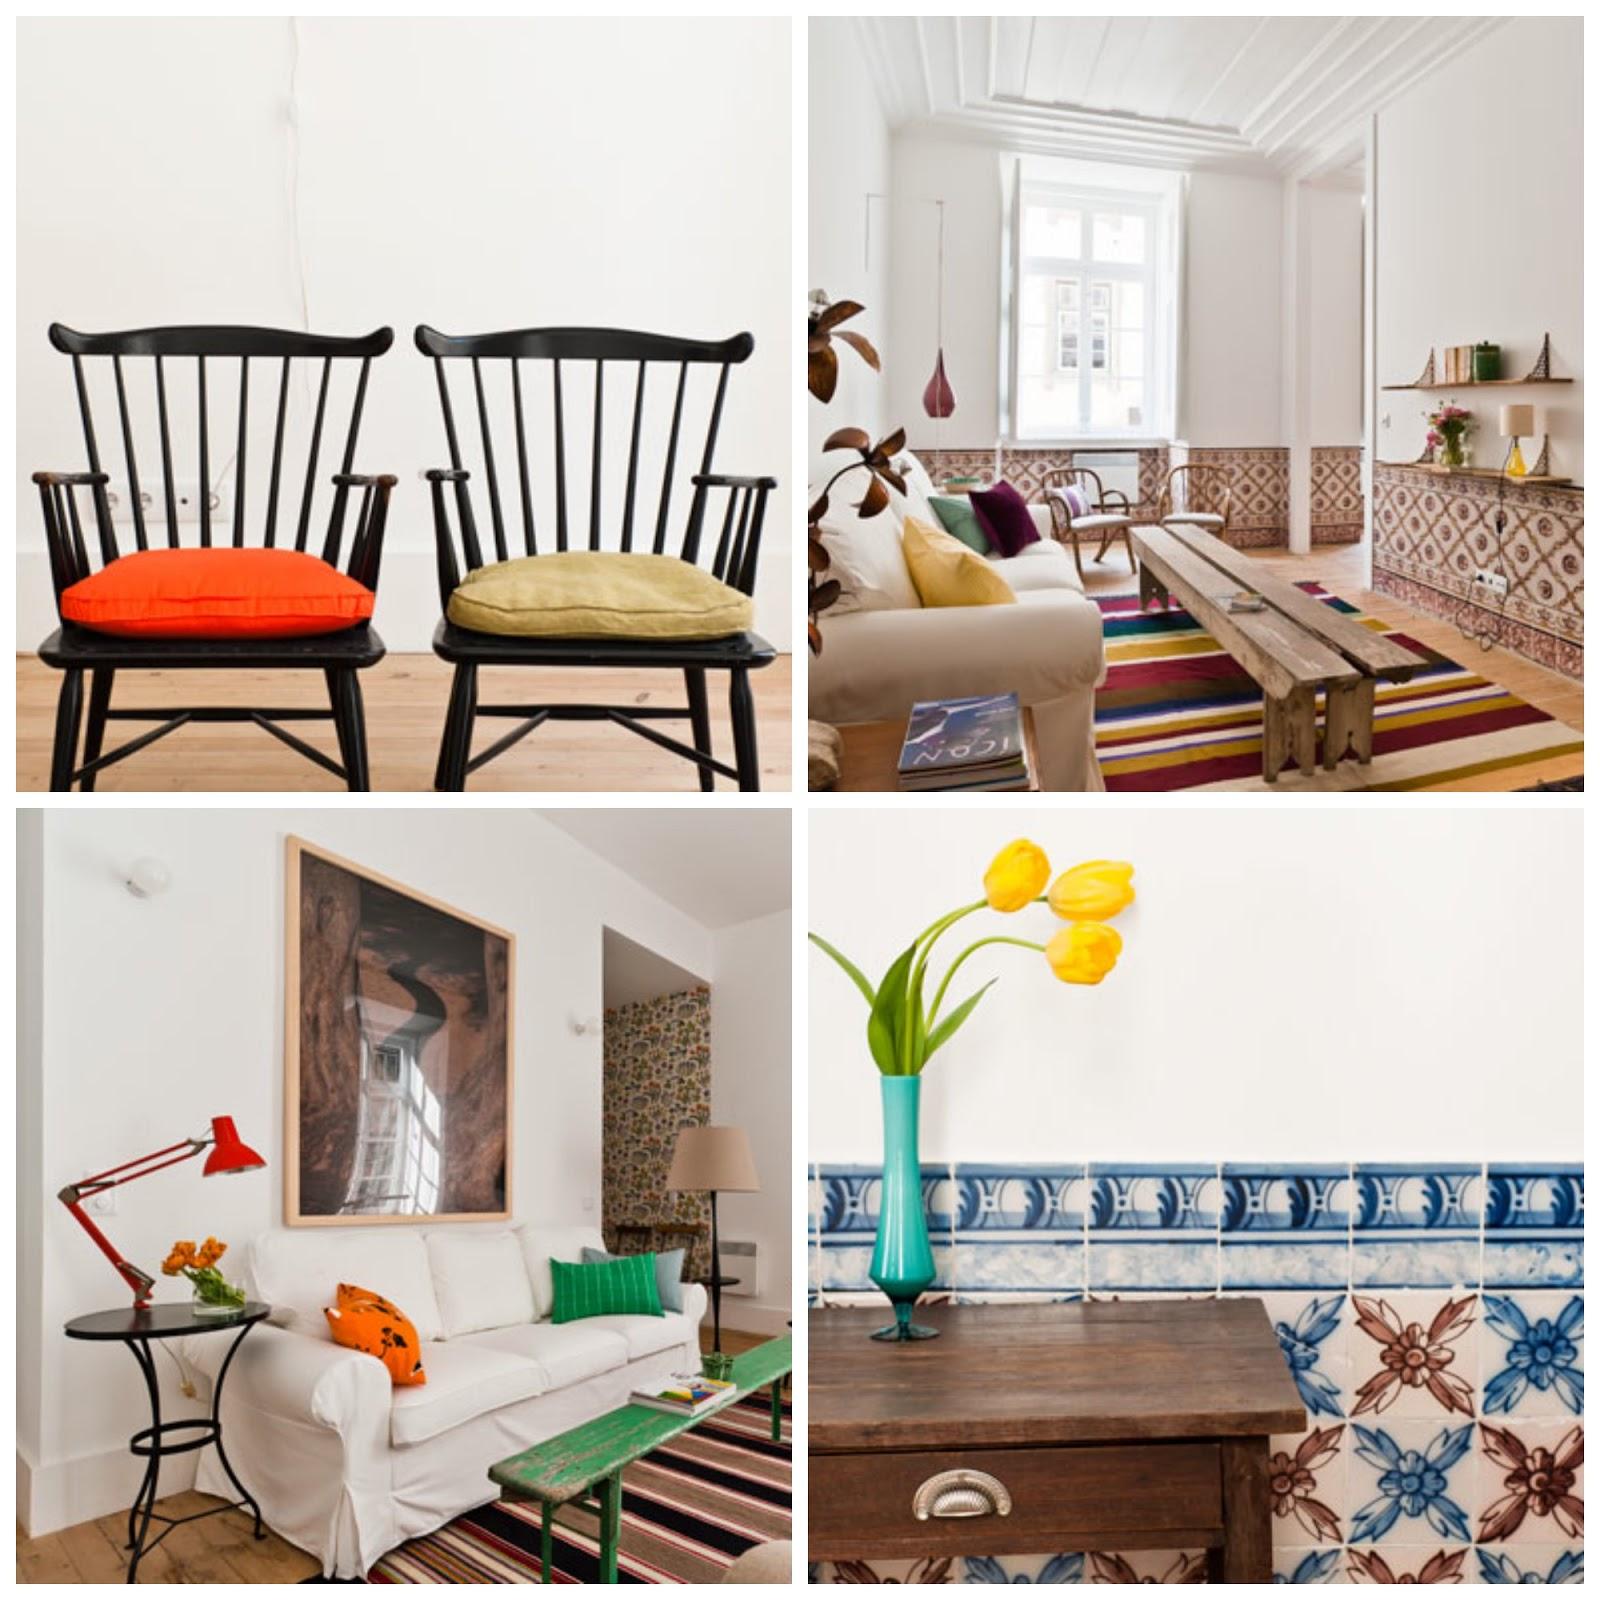 Inspiraci n apartamentos de alquiler con mucho estilo for Decorar casa alquiler